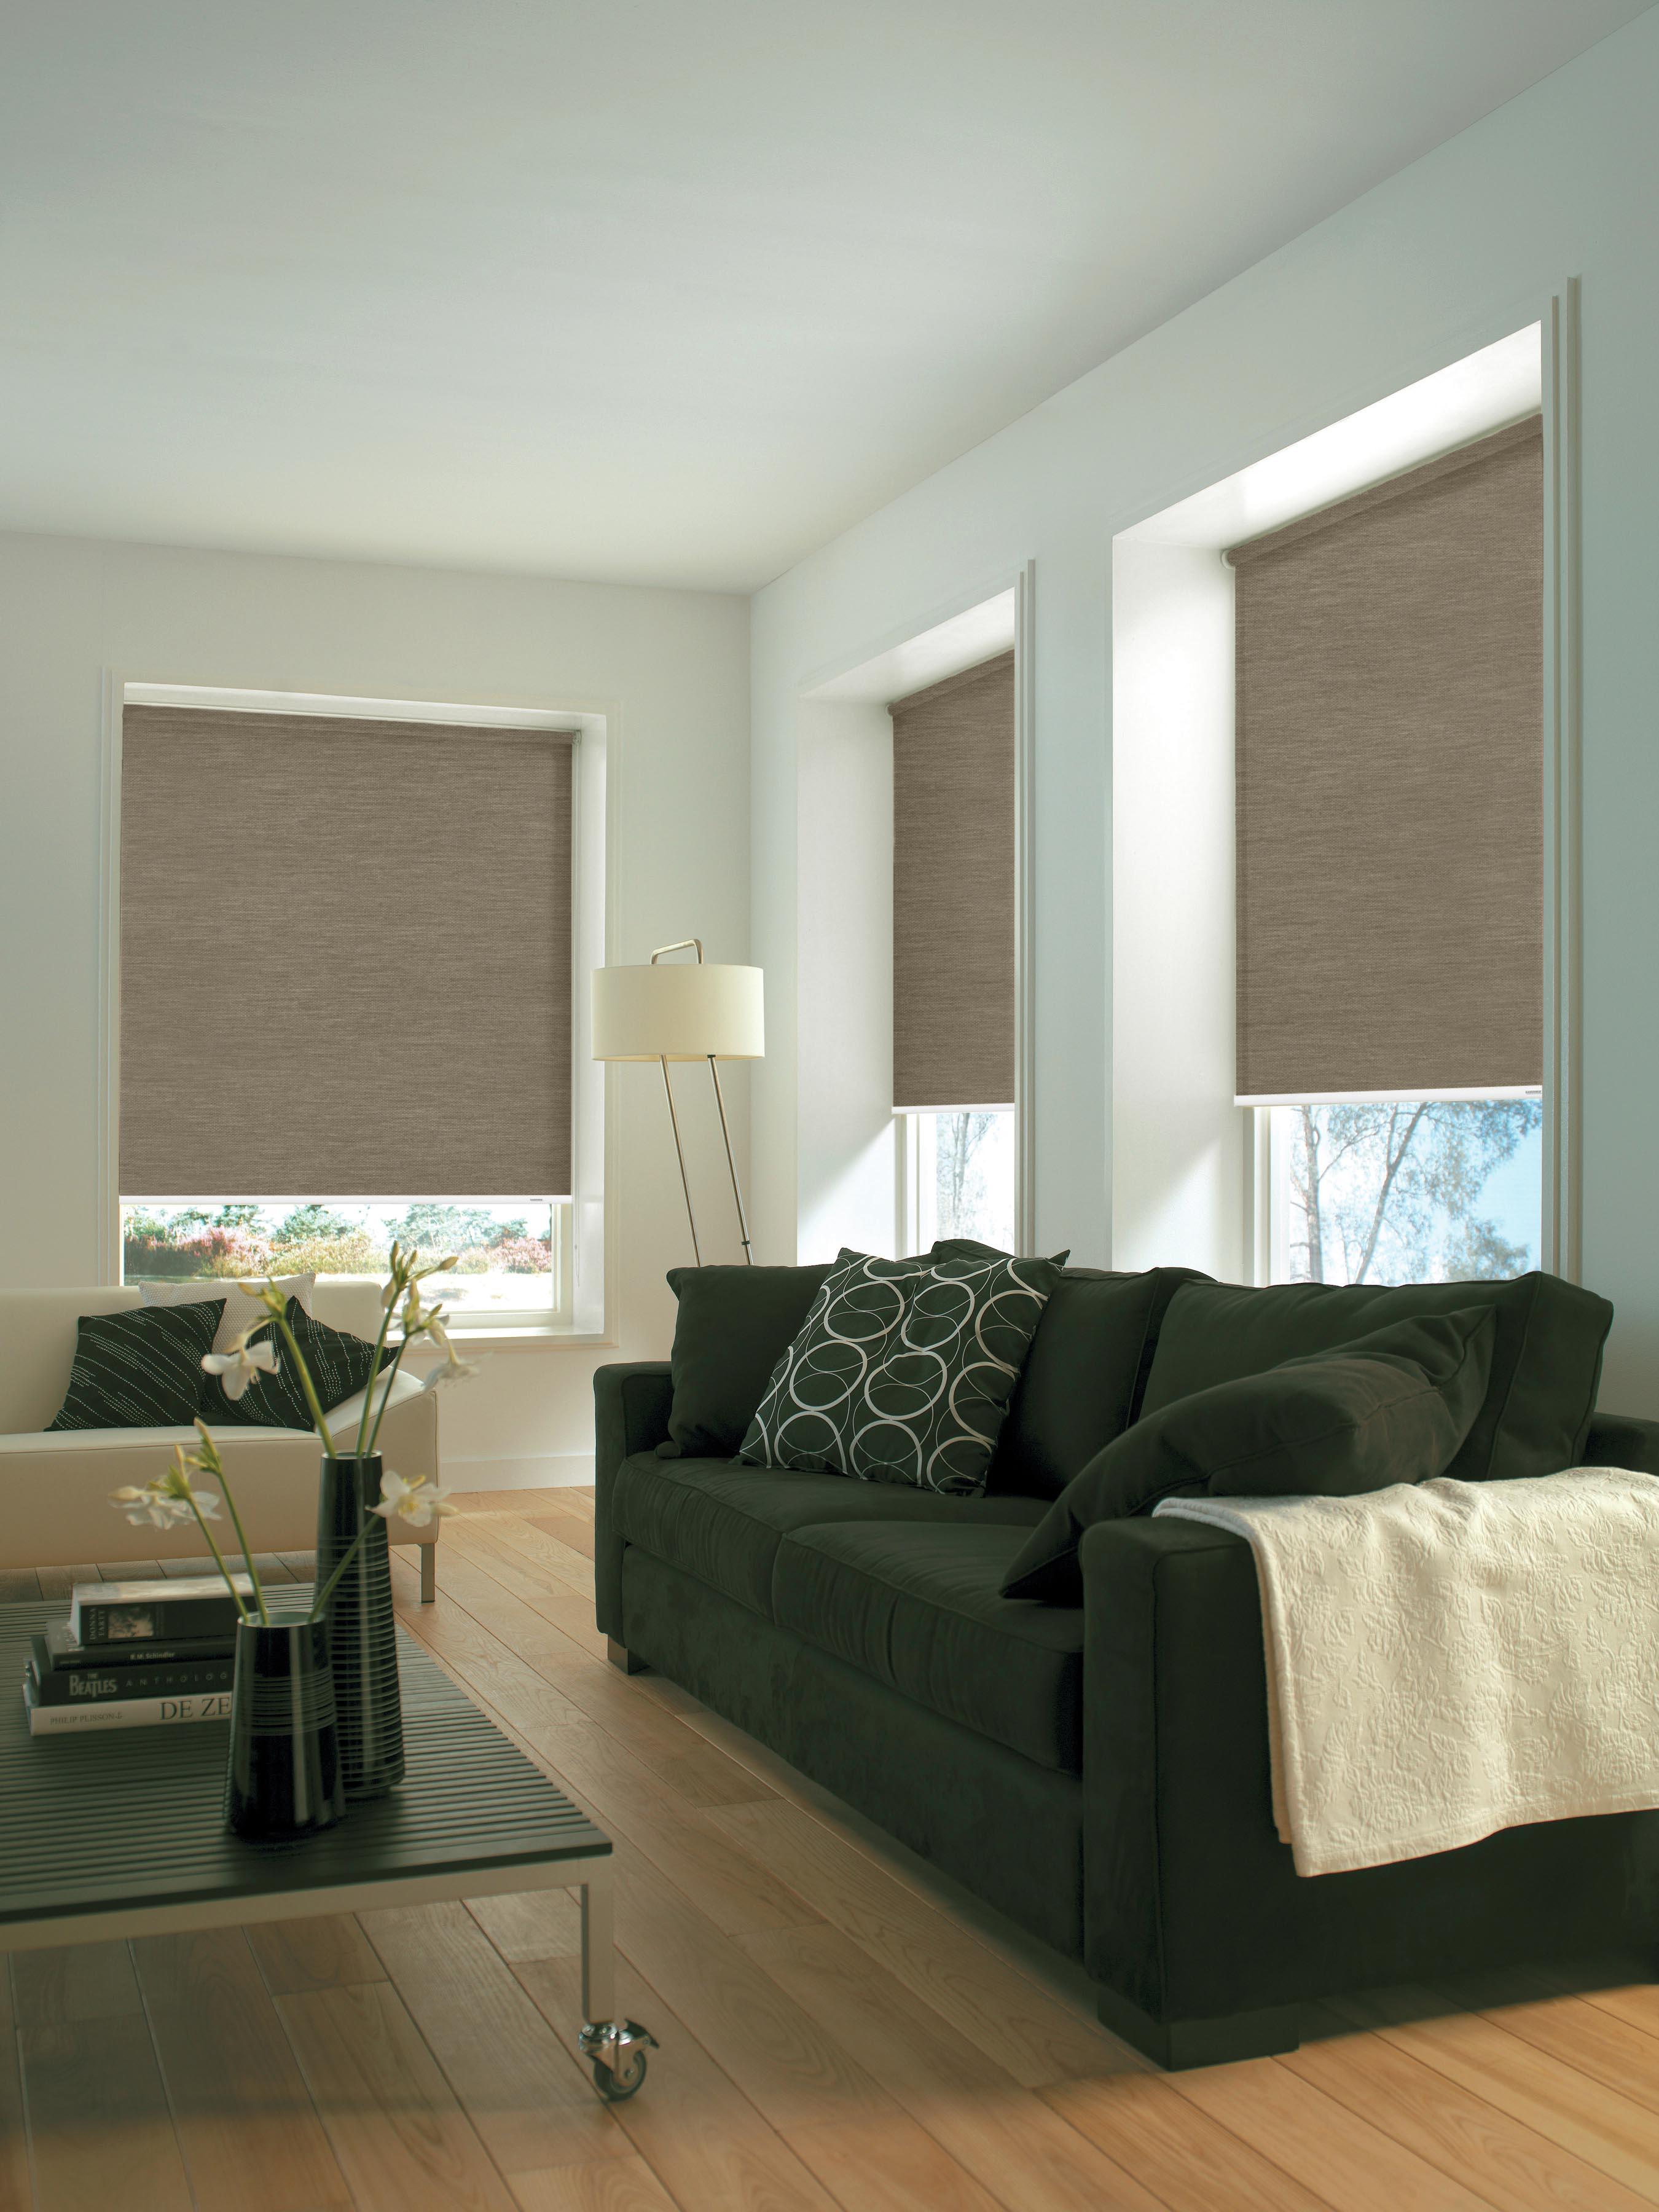 lichtdurchl ssig seitenzug rollo rollos fixma e sicht sonnenschutz bn gardinen. Black Bedroom Furniture Sets. Home Design Ideas